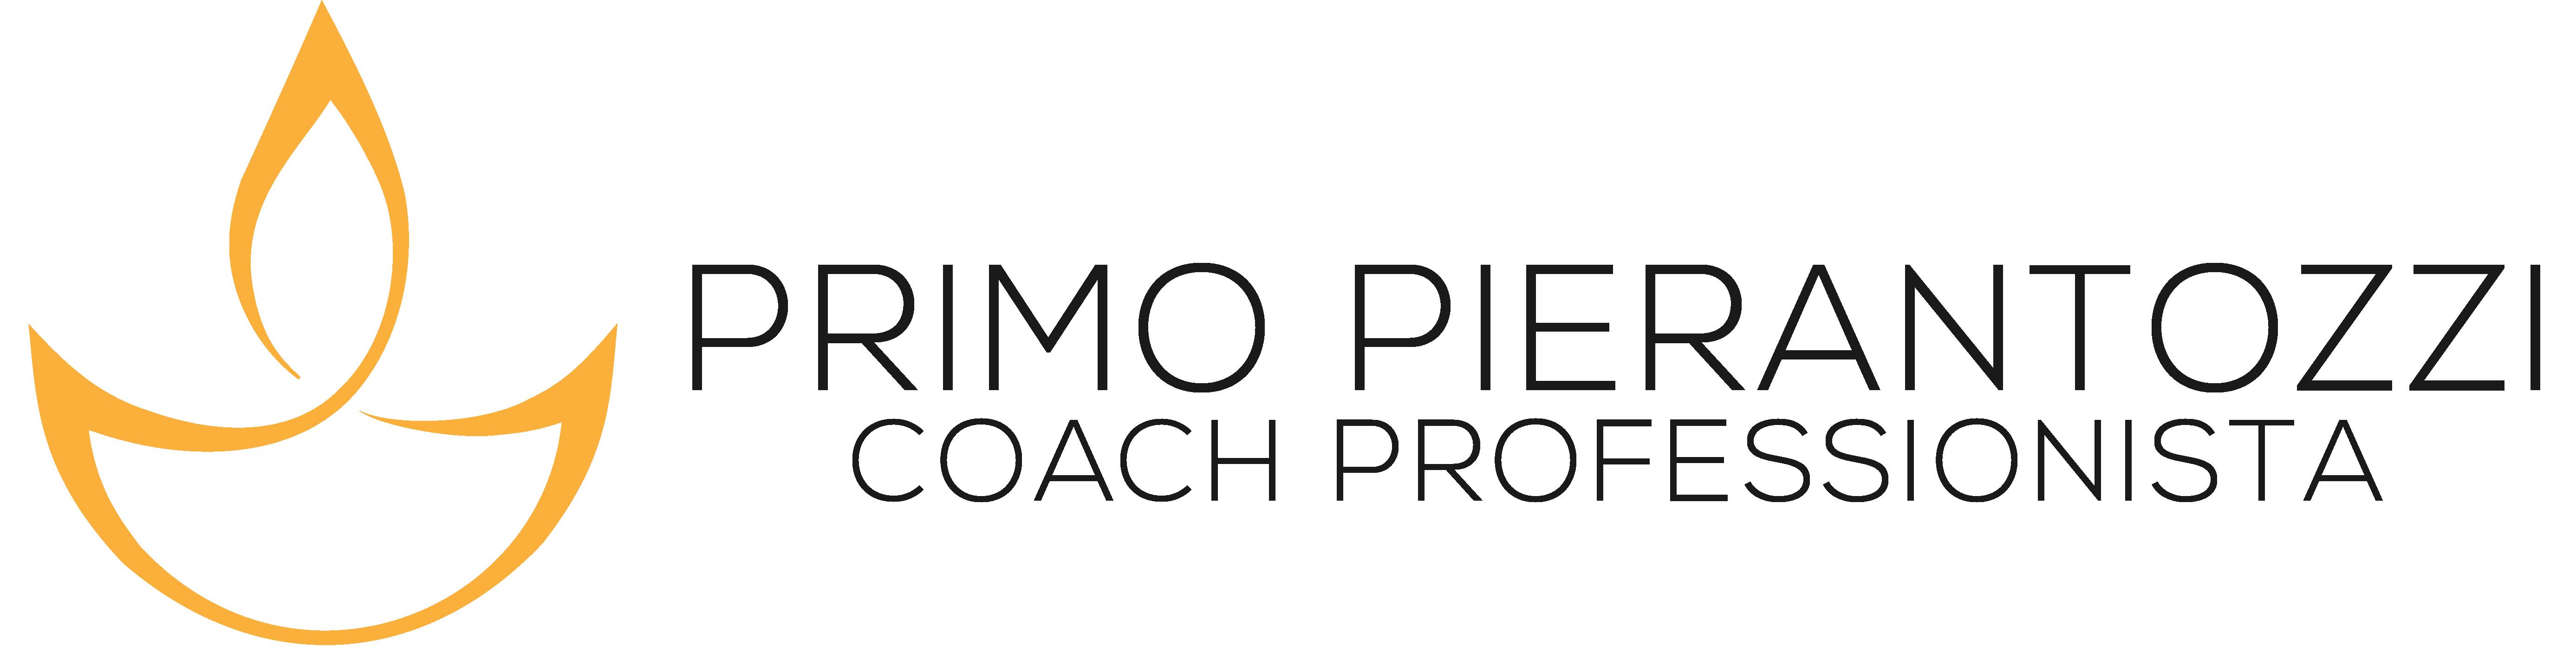 primo pierantozzi coach